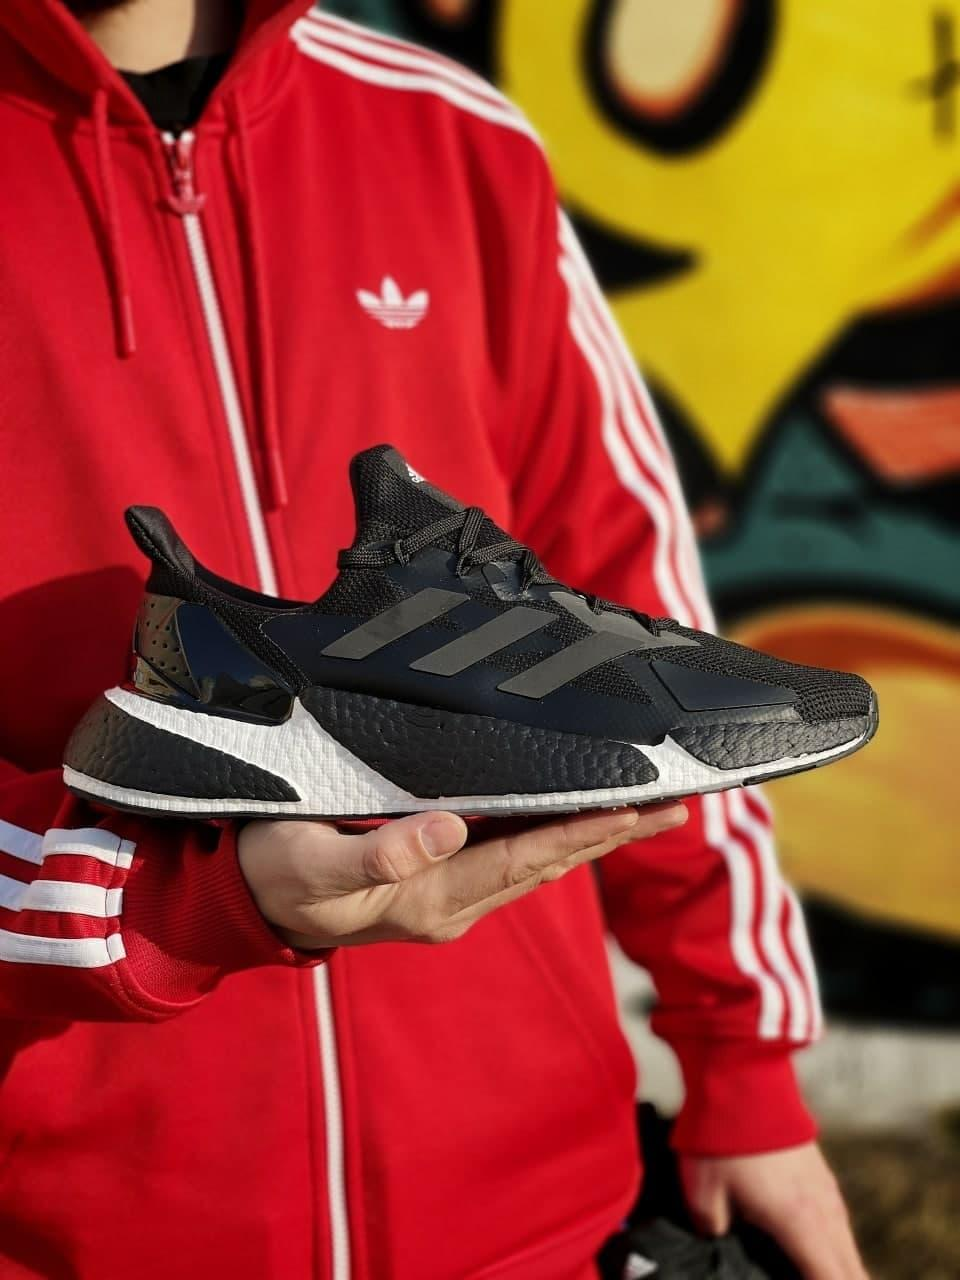 Мужские кроссовки Аdidas X9000L4 (черные с белым) спортивная крутая обувь J3206